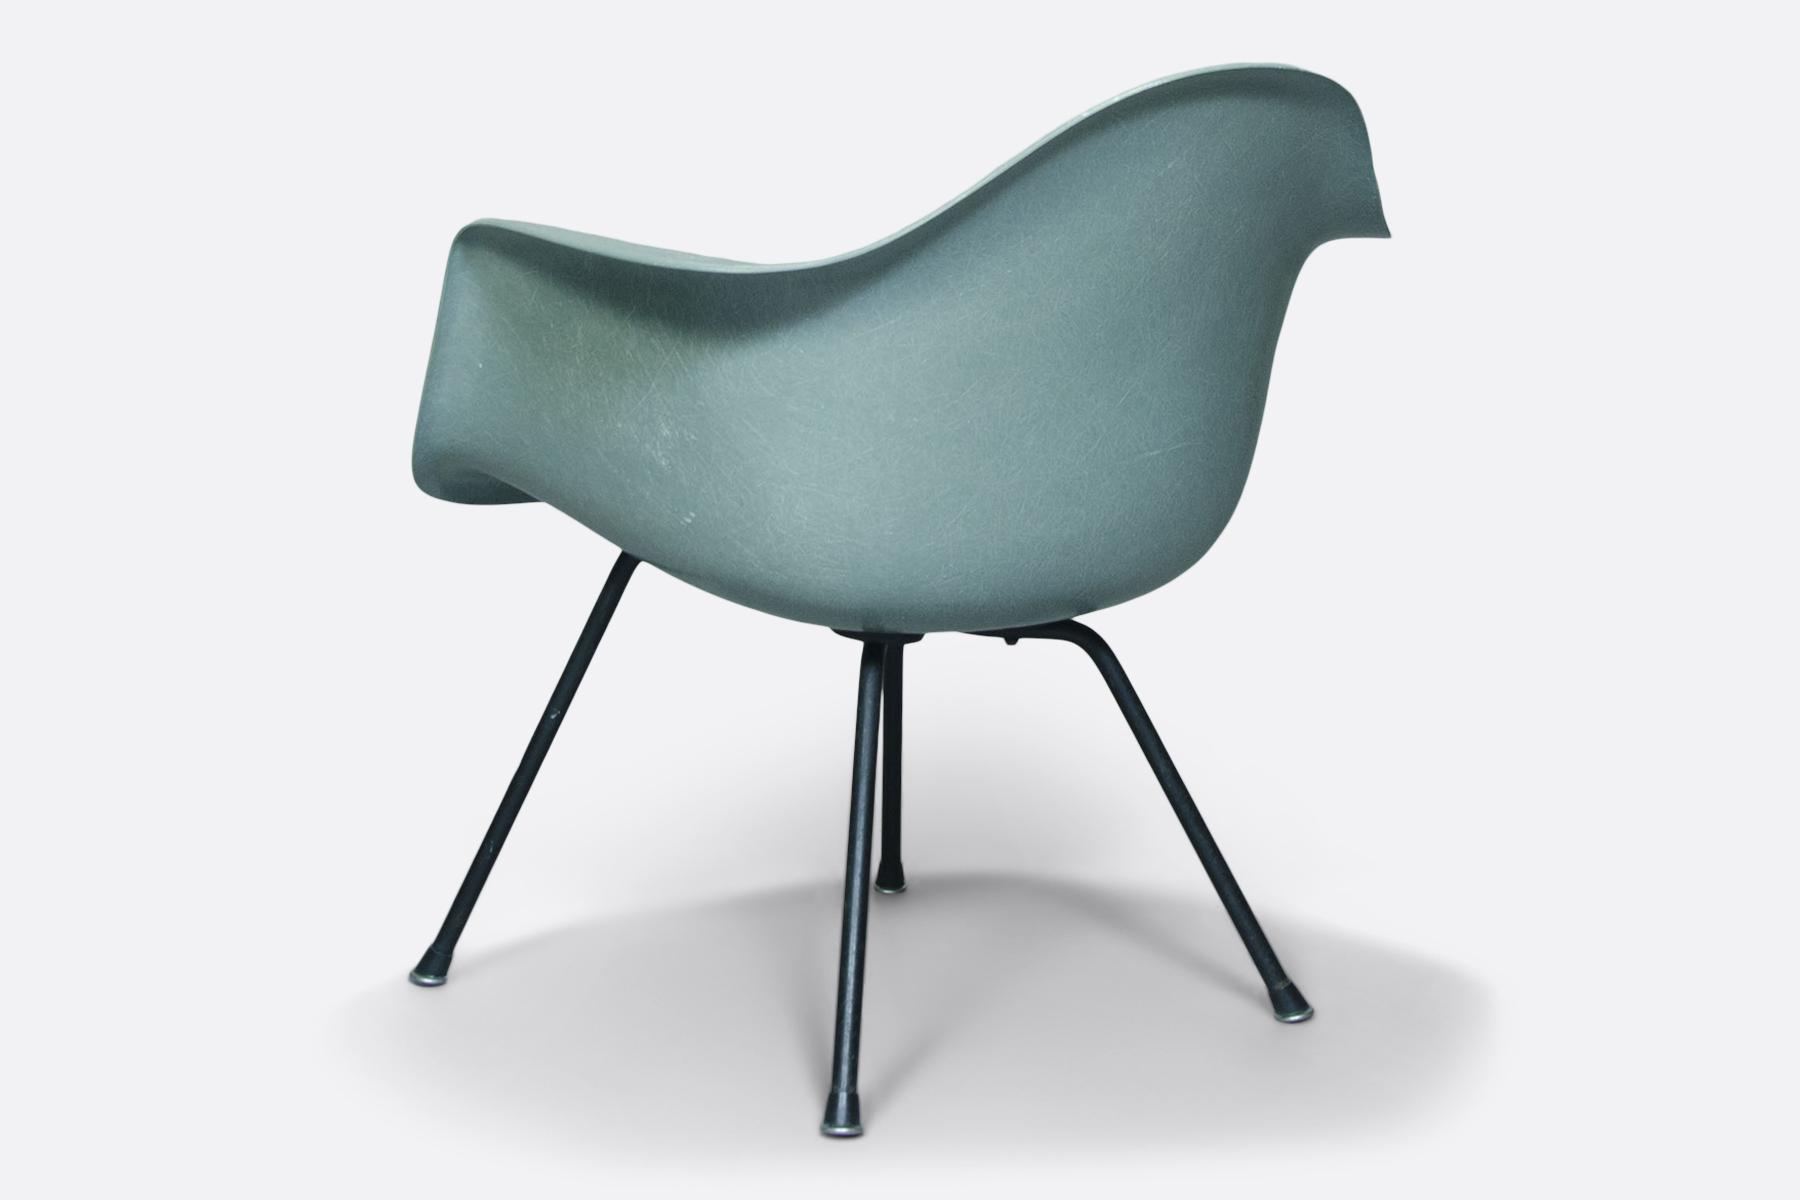 Eames armchair-LAX-seafoam green.4